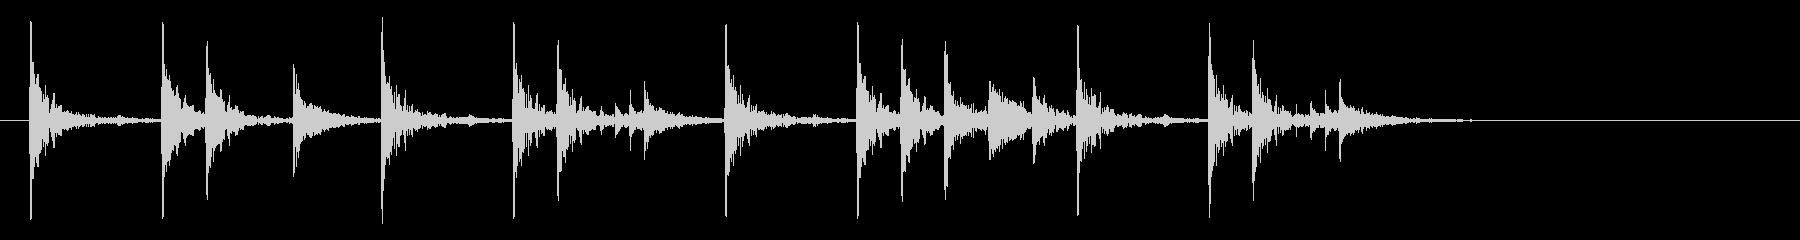 定番のリズム ドッチドド カラカカン#4の未再生の波形